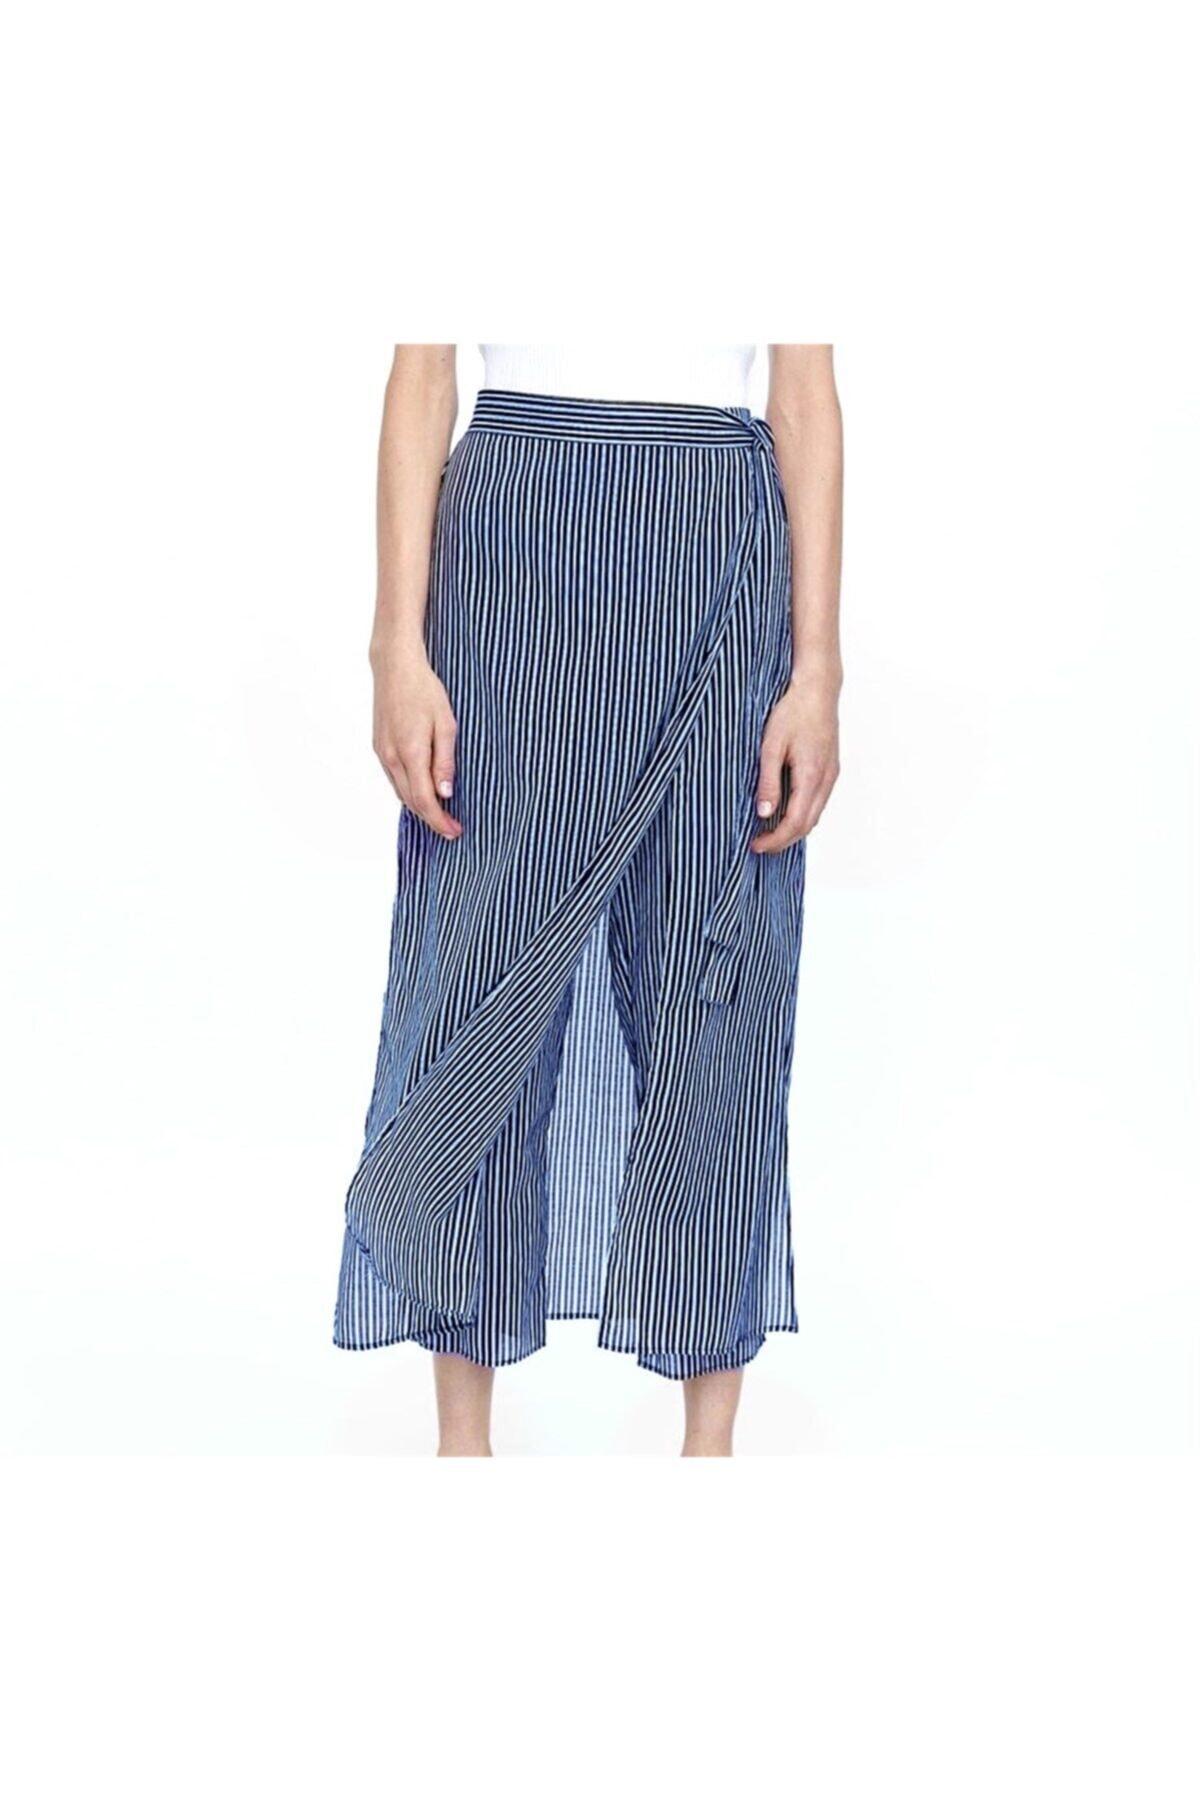 Oblavion Kadın Lacivert Çizgili Pantolon Etek 2